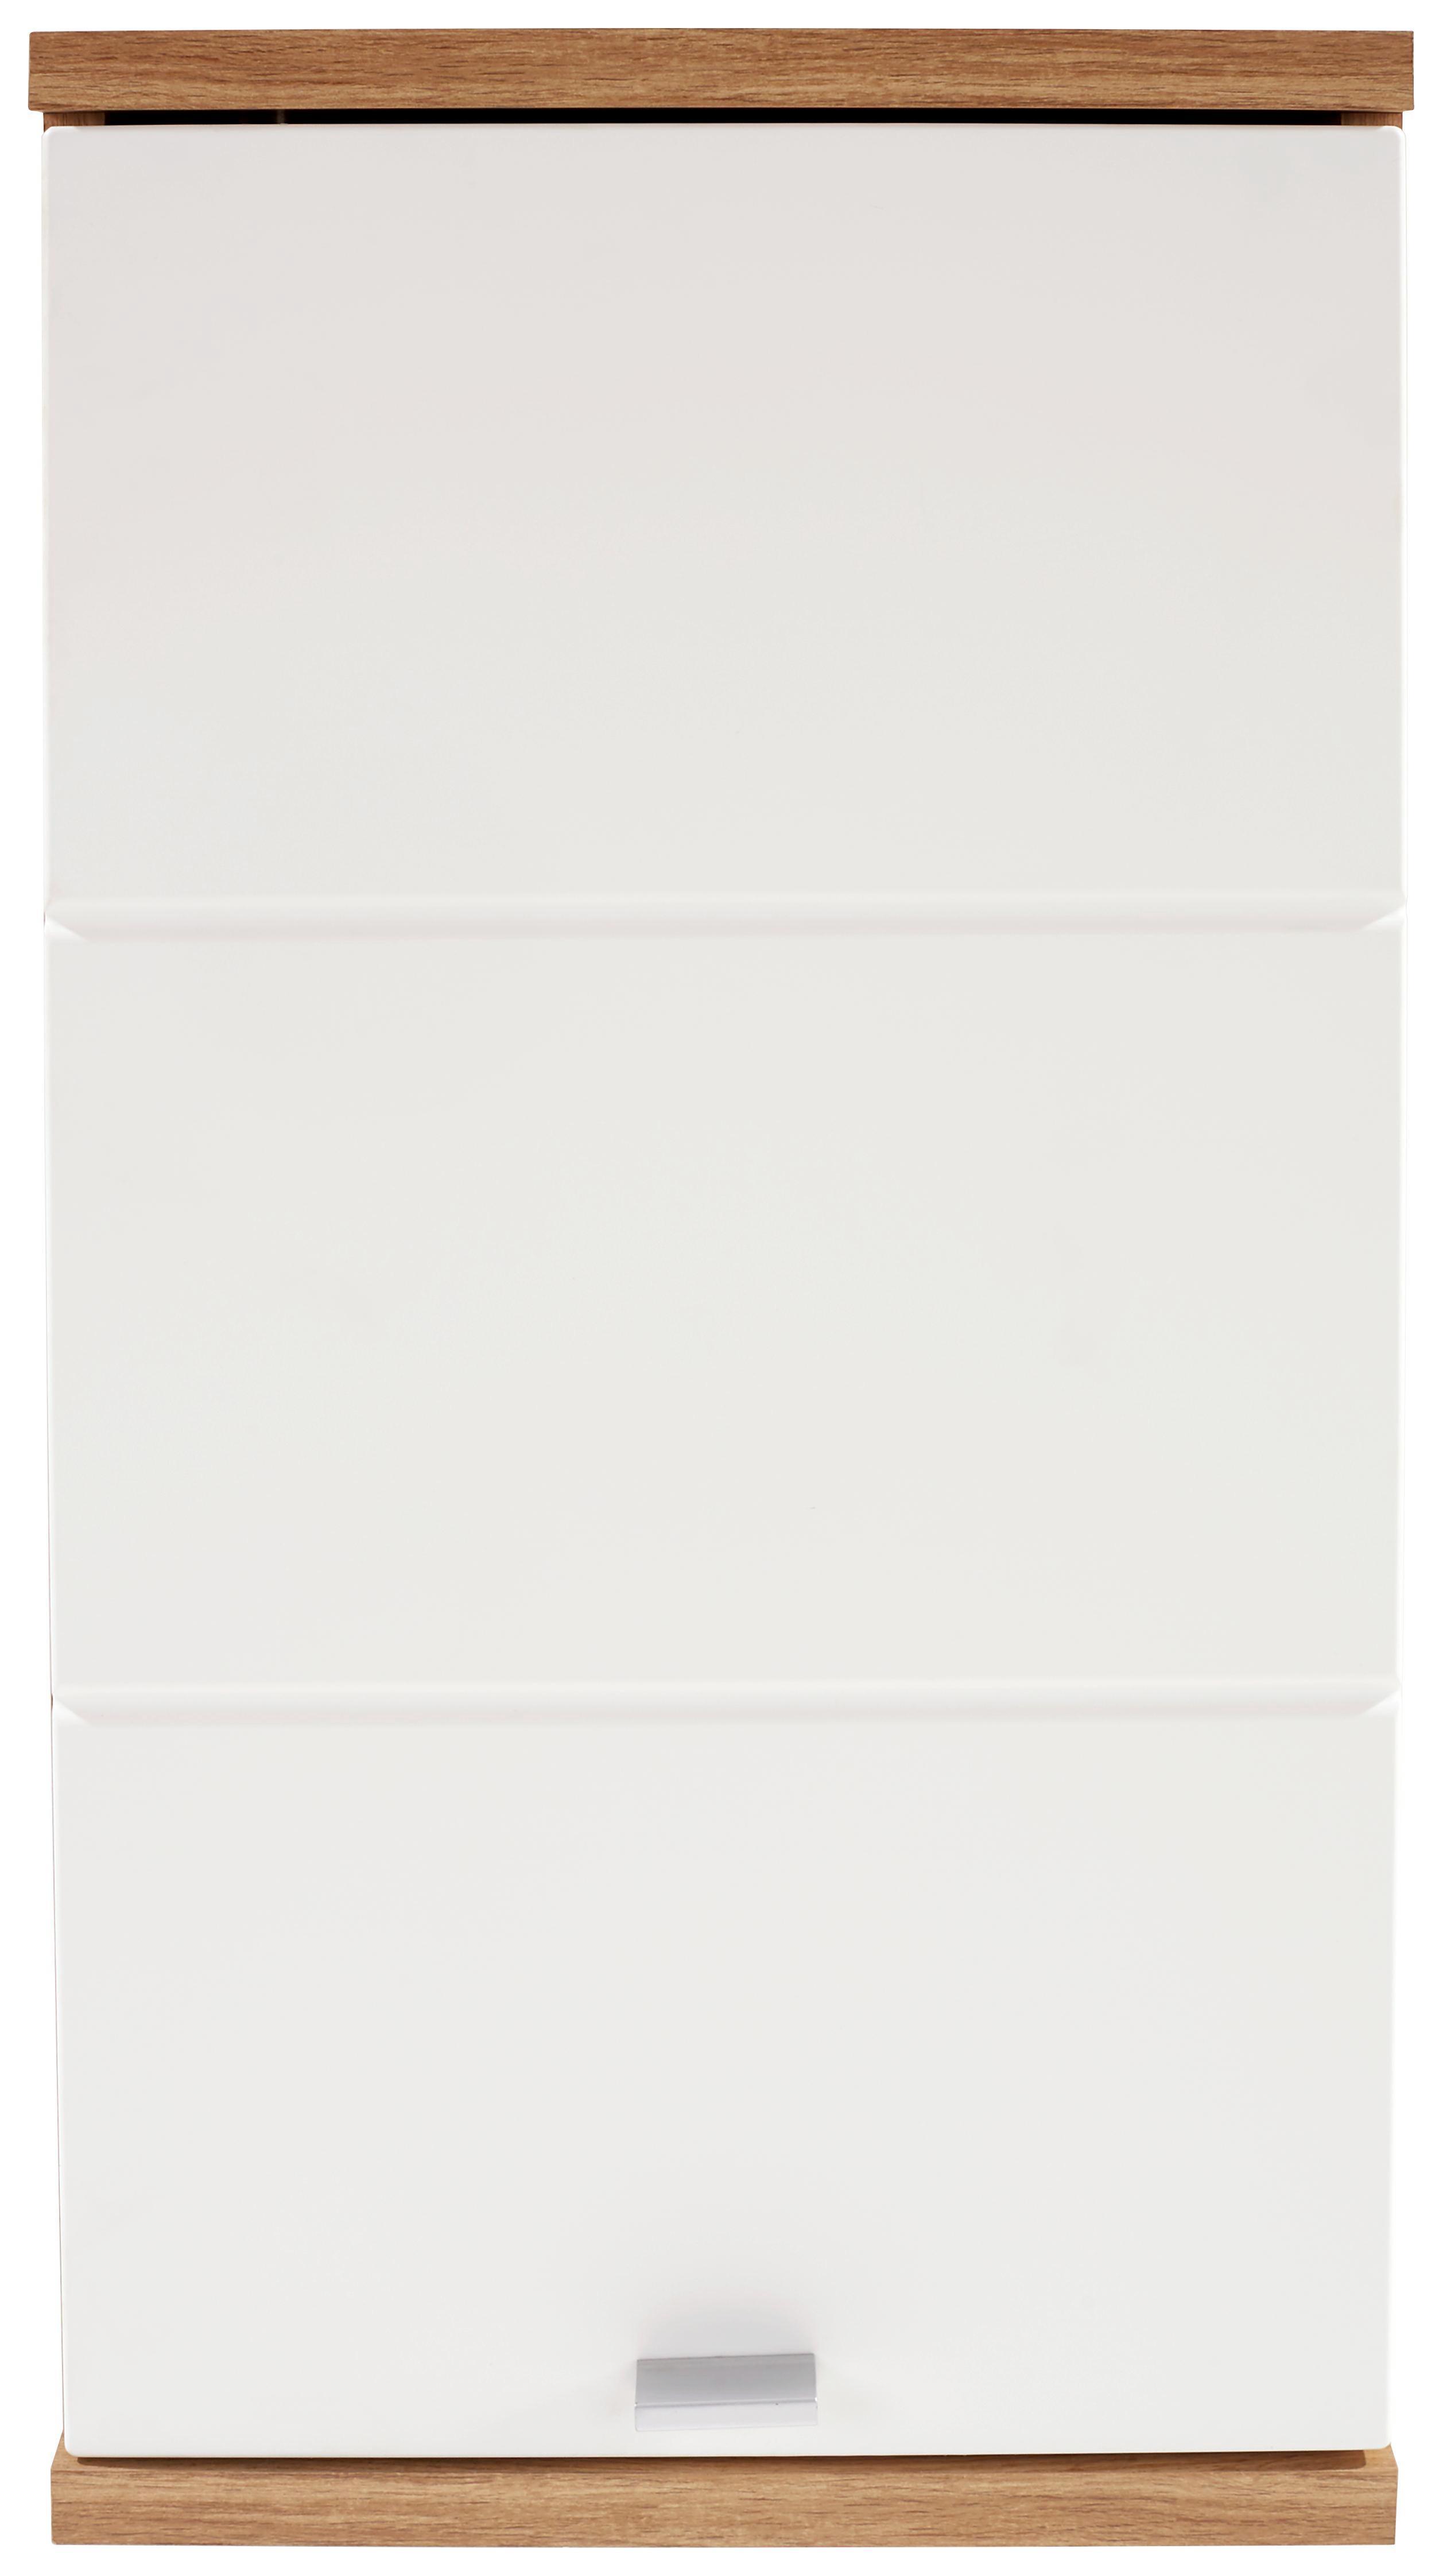 Faliszekrény Feeling New Flh01 - tölgy színű/fehér, konvencionális, faanyagok (35/70/25cm)